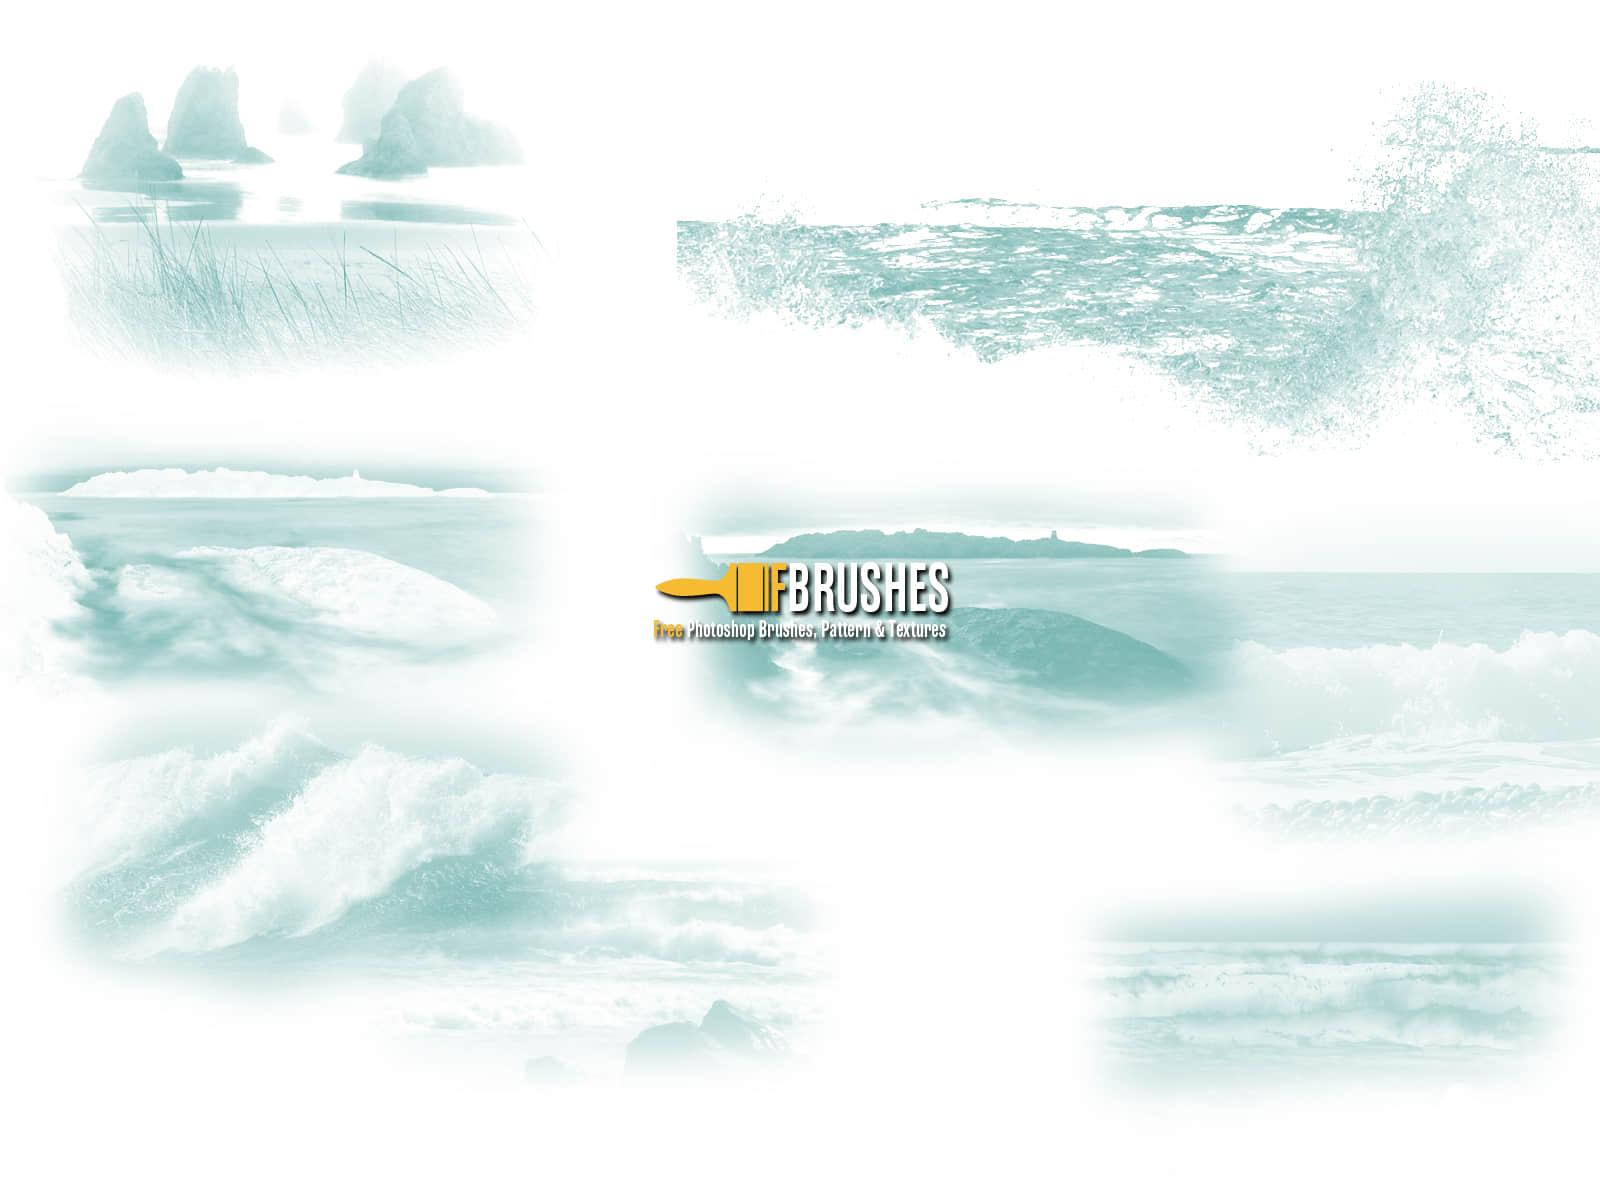 海浪、水花、波浪、海边Photoshop笔刷下载 海浪笔刷 波浪笔刷 大海笔刷  water brushes